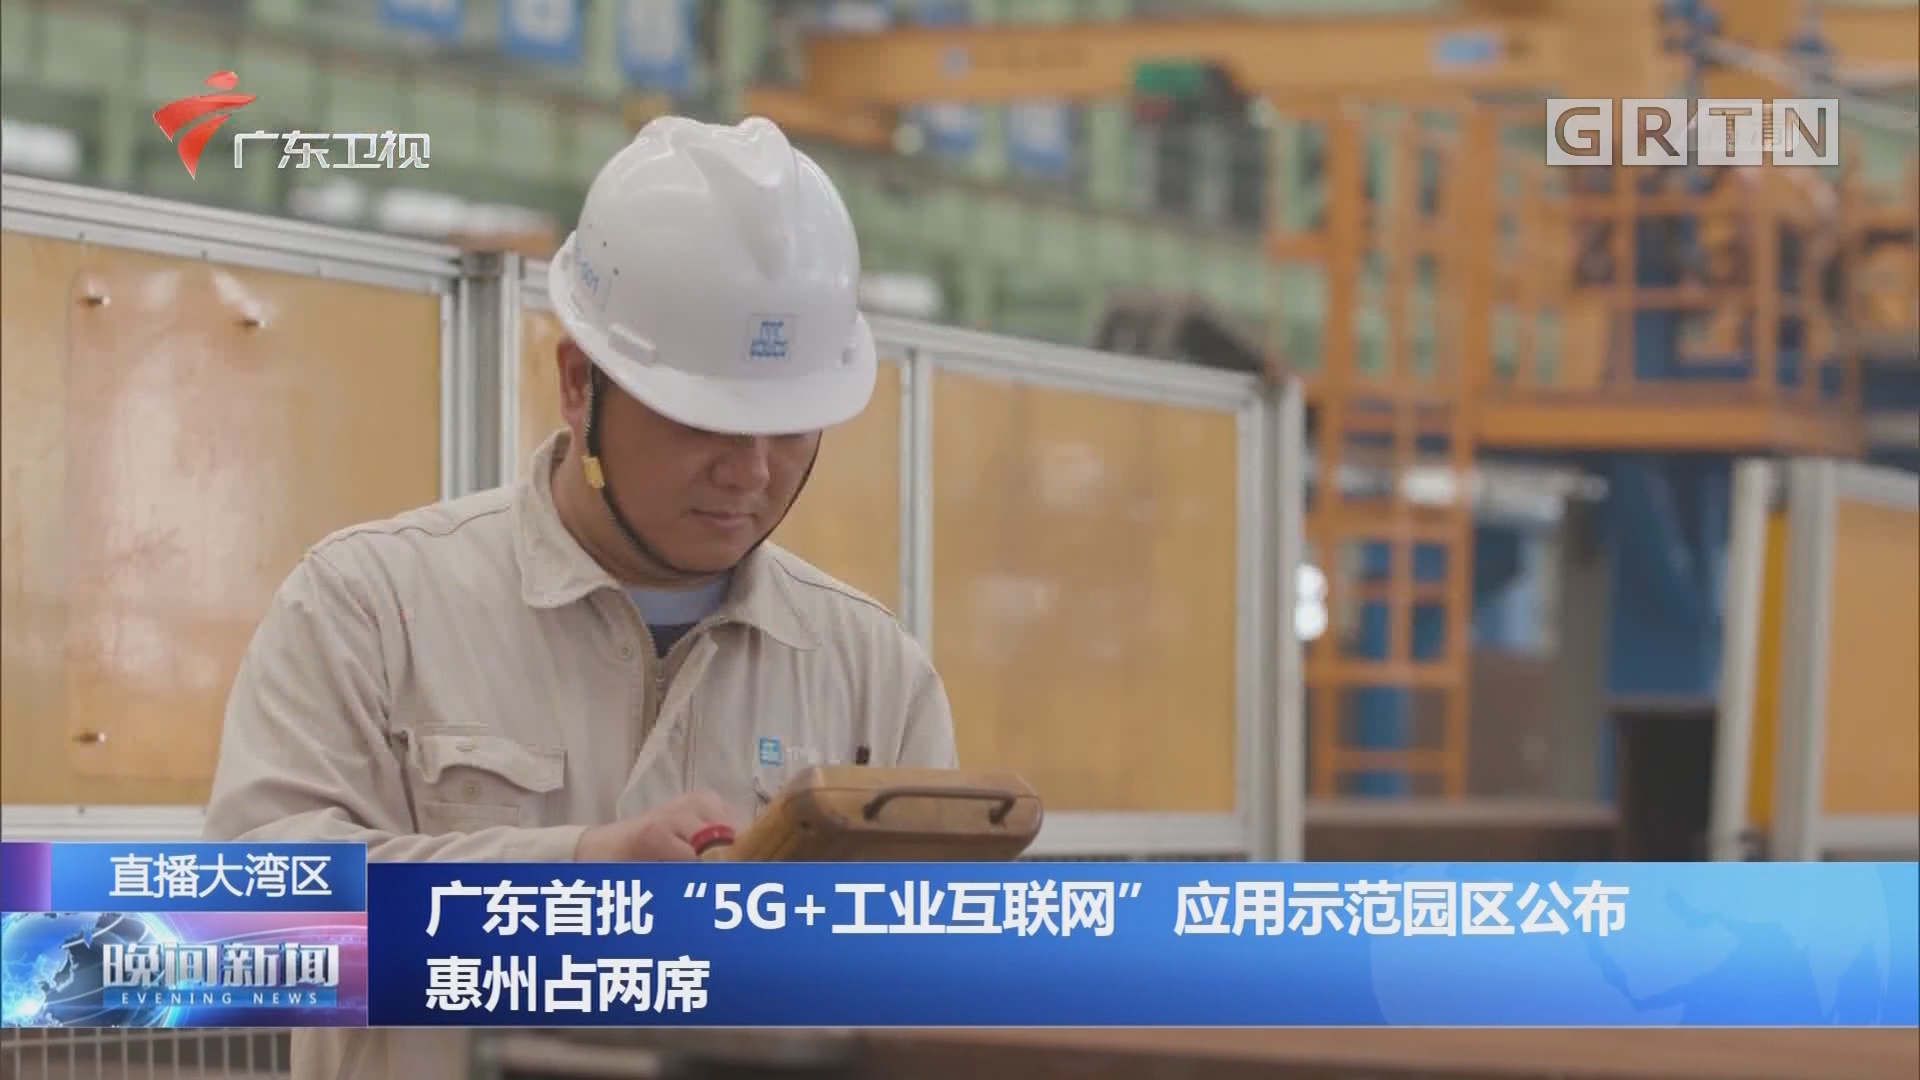 """广东首批""""5G+工业互联网"""" 应用示范园区公布惠州占两席"""